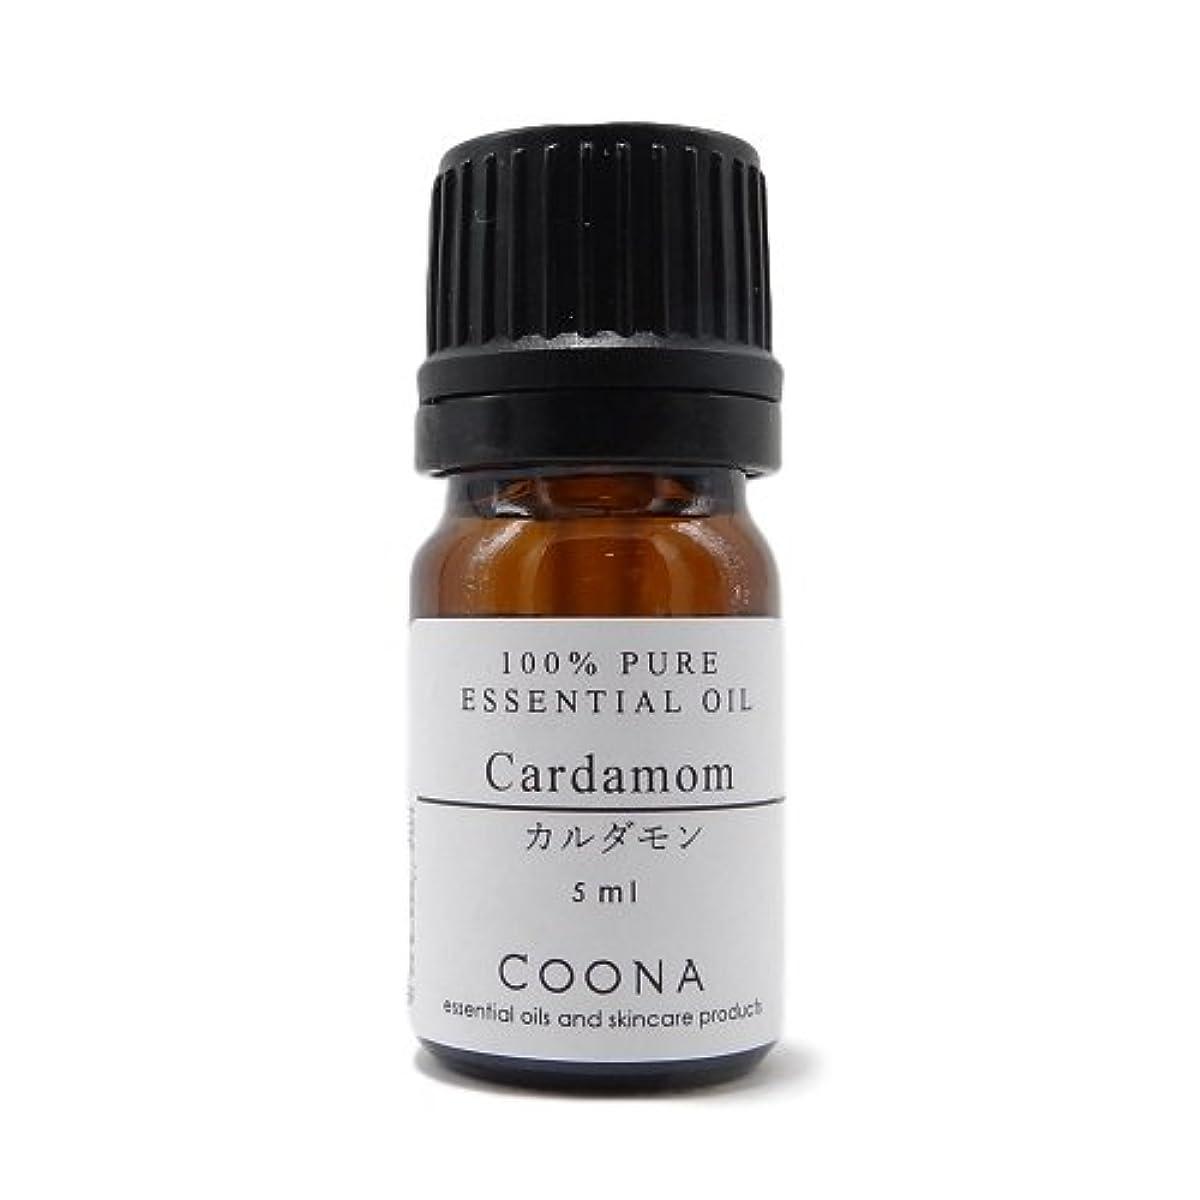 千可能対応カルダモン 5 ml (COONA エッセンシャルオイル アロマオイル 100%天然植物精油)